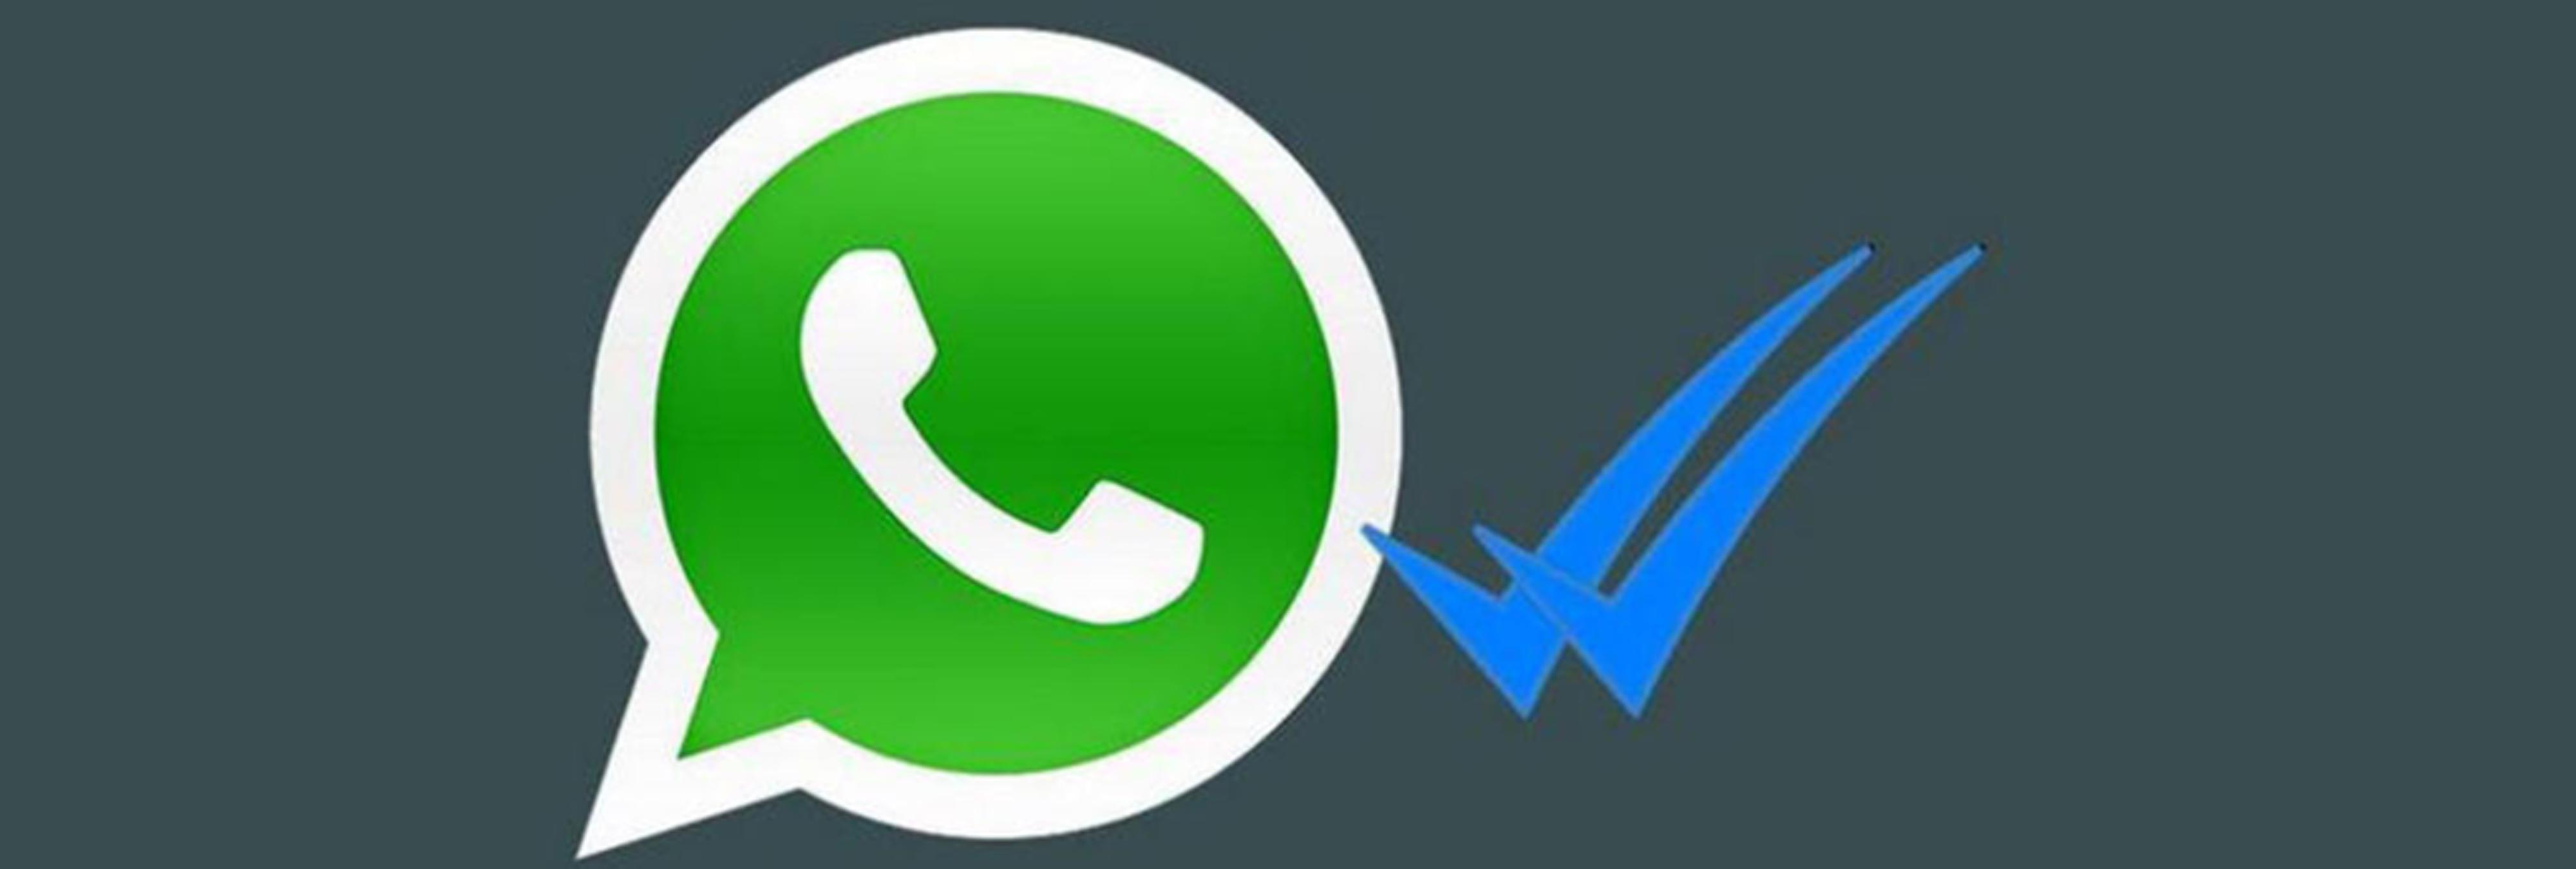 Cómo saber si te ha leído en WhatsApp aunque no tenga activado el doble check azul